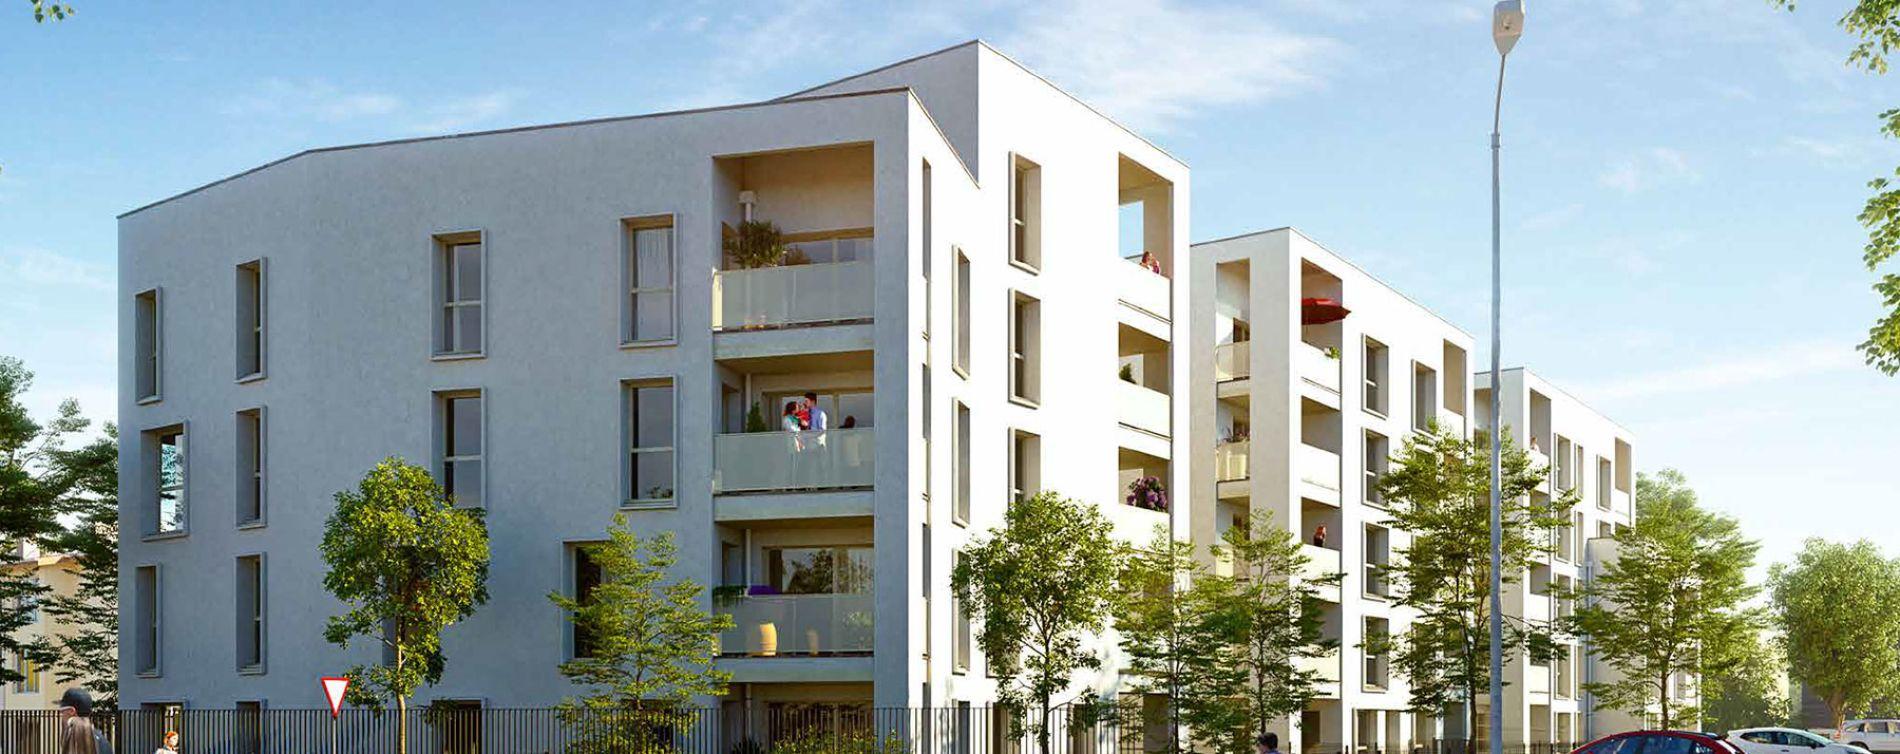 Villefranche-sur-Saône : programme immobilier neuve « Les Jardins d'Adam »